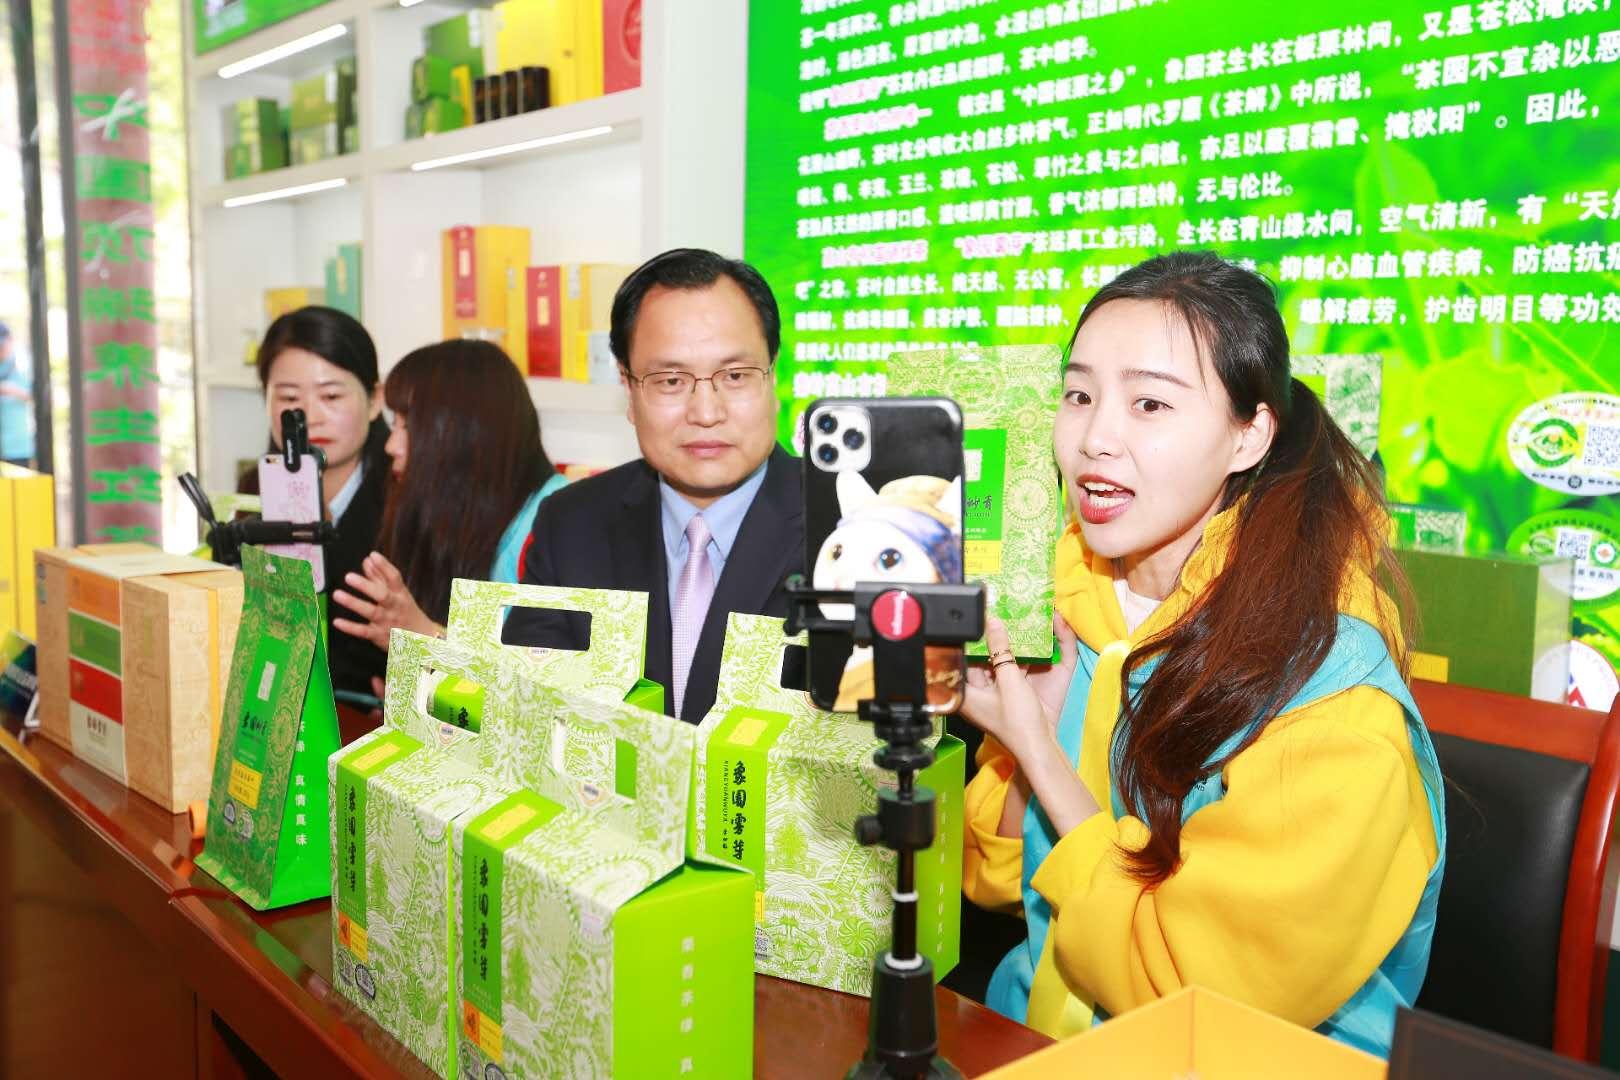 镇安县人民政府副县长朱雪彬和主播推介象园雾芽茶